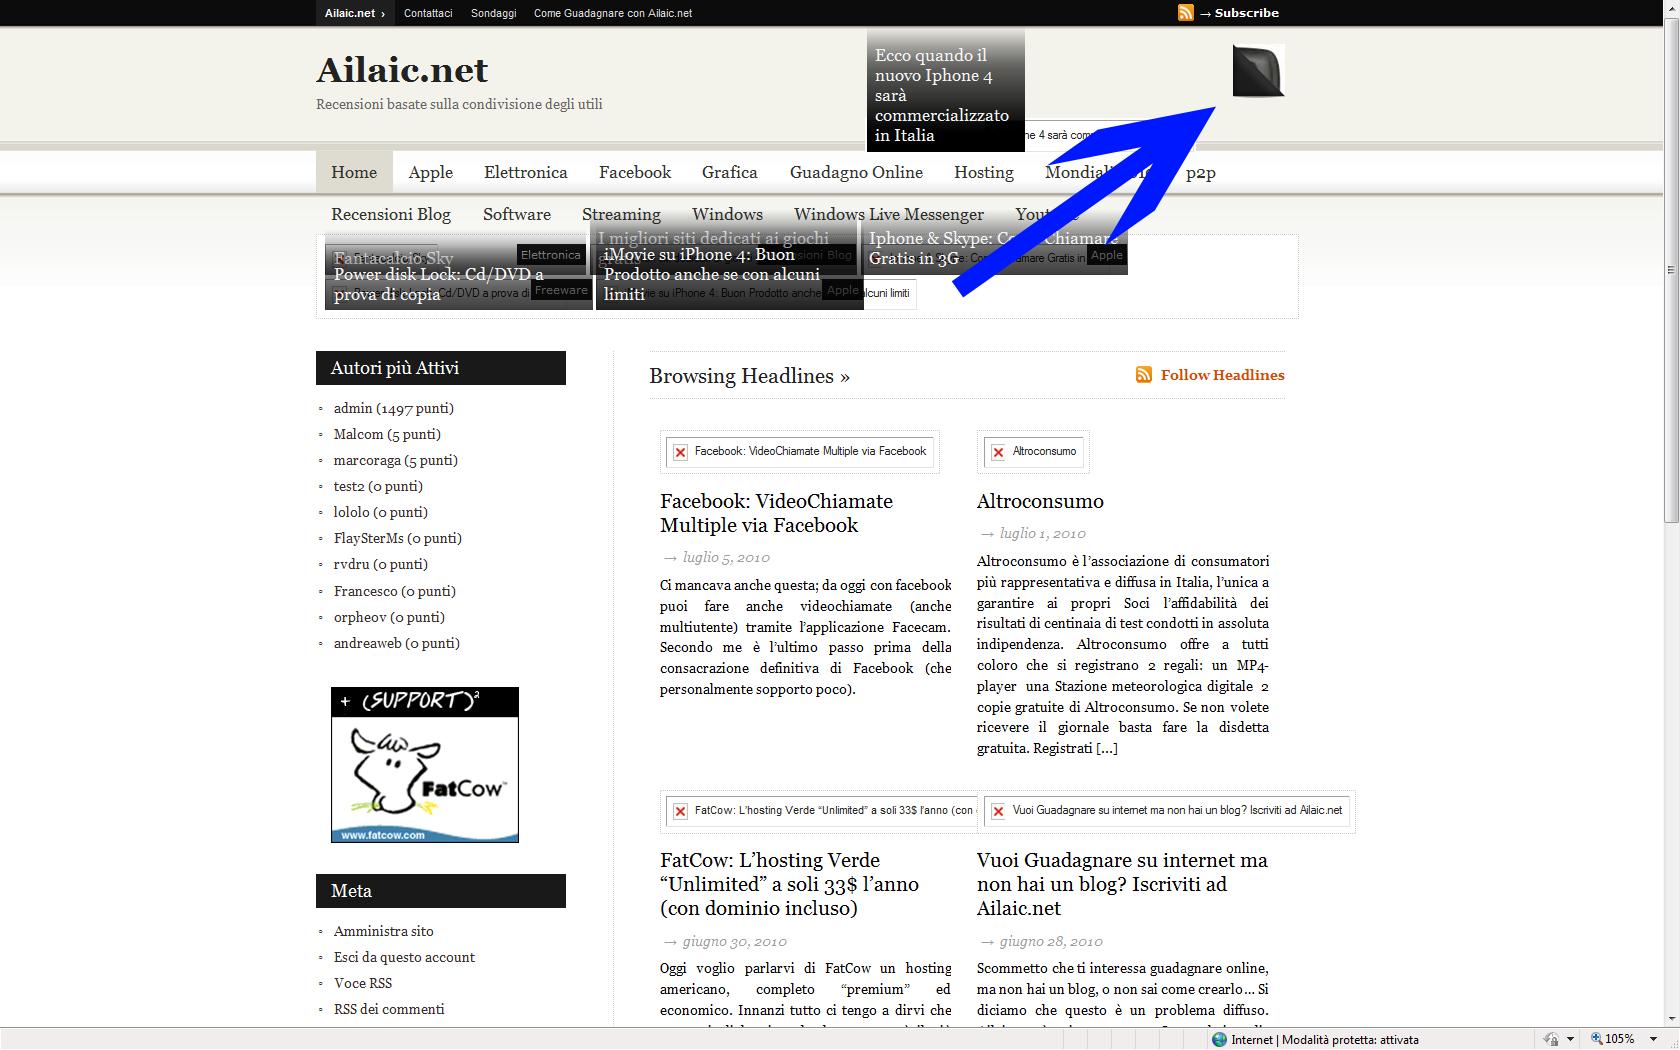 Как сделать незаметный баннер в углу страницы | PageFlip Advertising | n-wp.ru